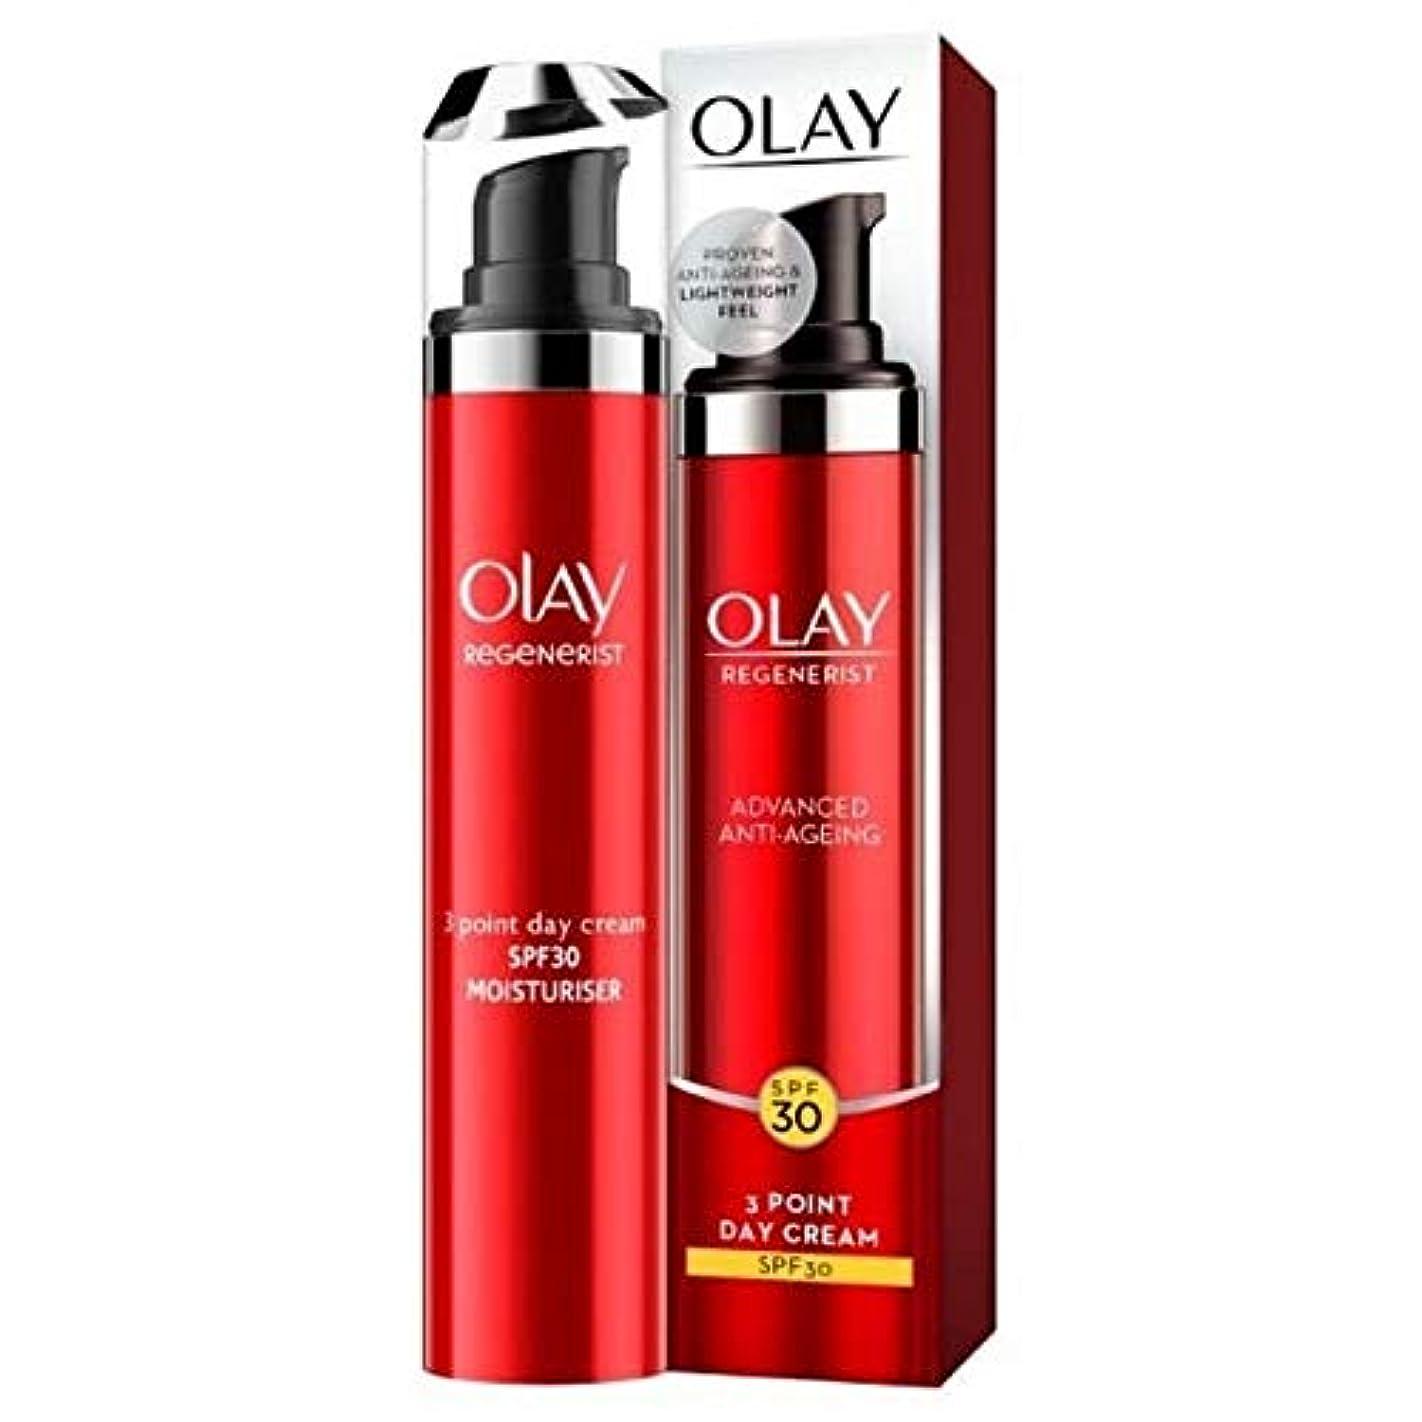 忌み嫌うシェル収束[Olay ] オーレイリジェネ軽量デイクリームSpf30 - Olay Regenerist Lightweight Day Cream SPF30 [並行輸入品]